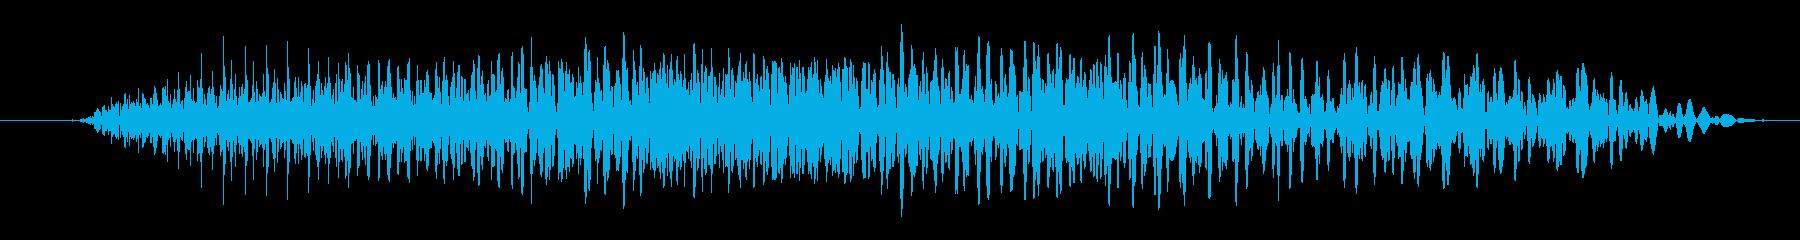 ゾンビ:ゴロゴロの再生済みの波形